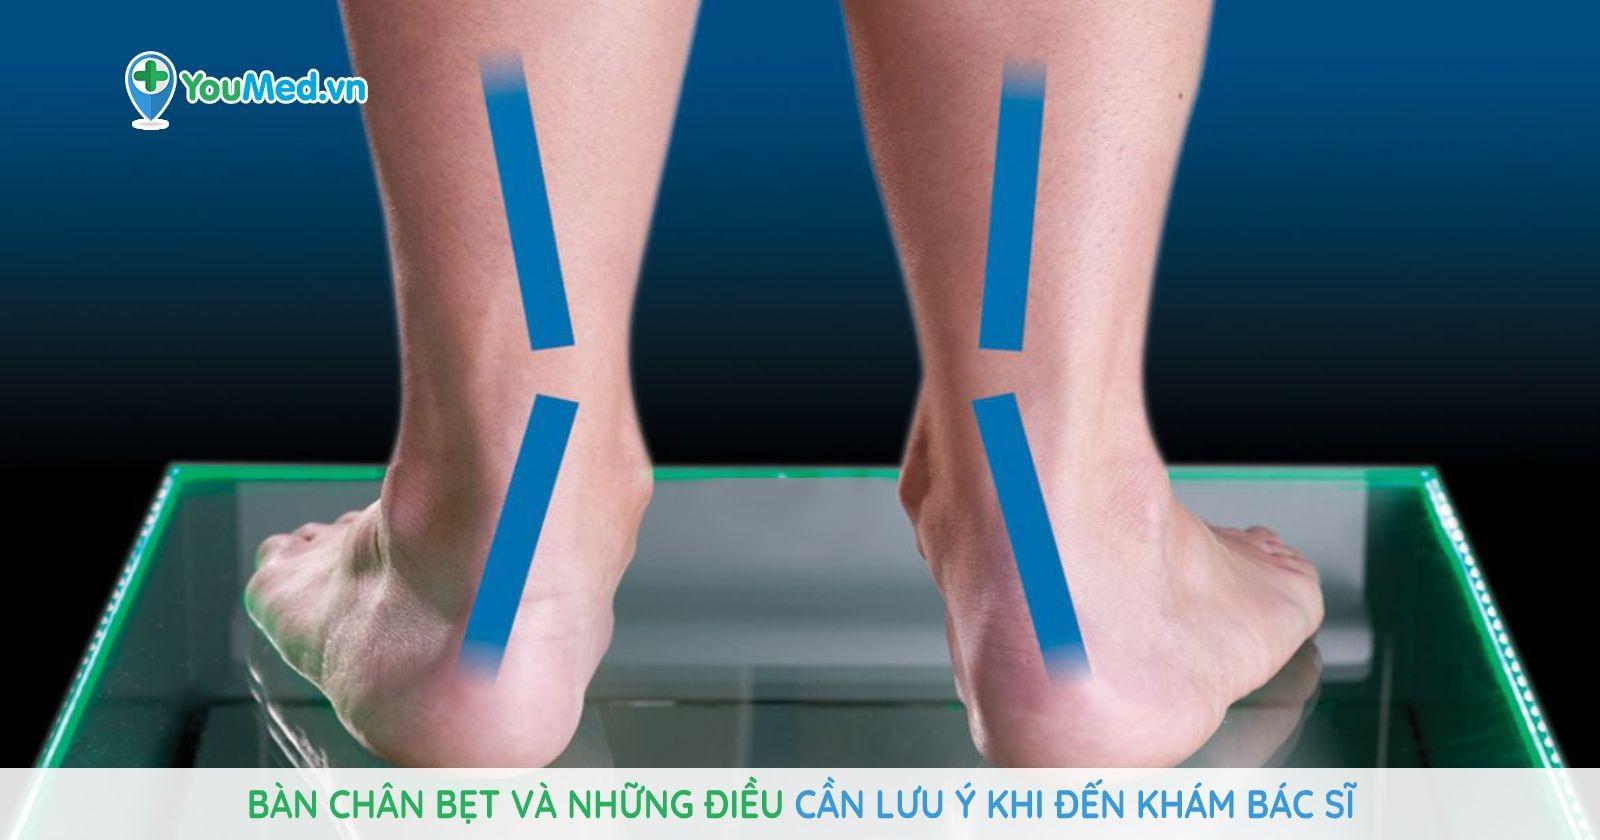 Bàn chân bẹt và những điều cần lưu ý khi đến khám bác sĩ